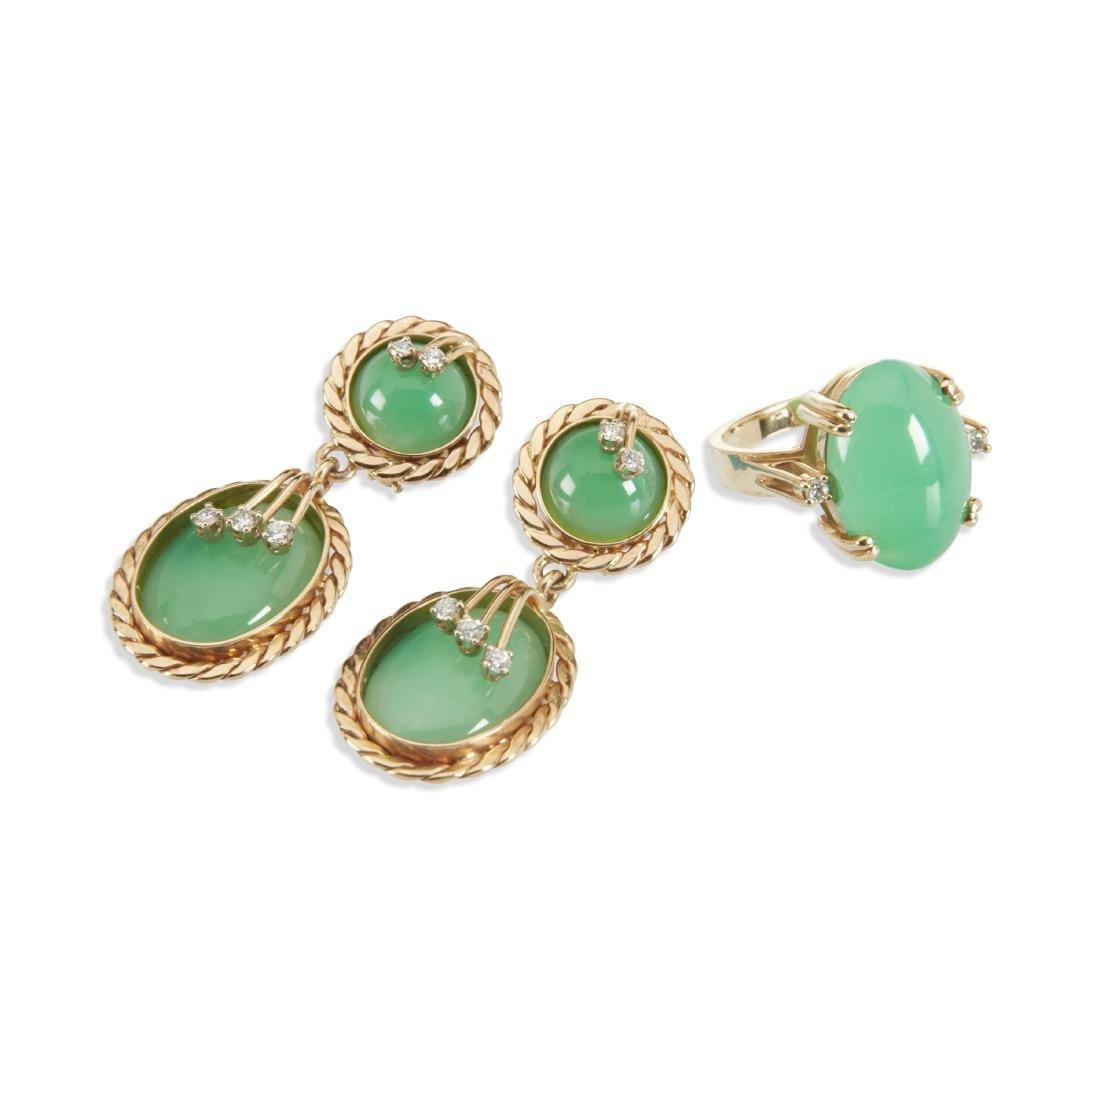 A 14K & Jade Ring & Earrings Set